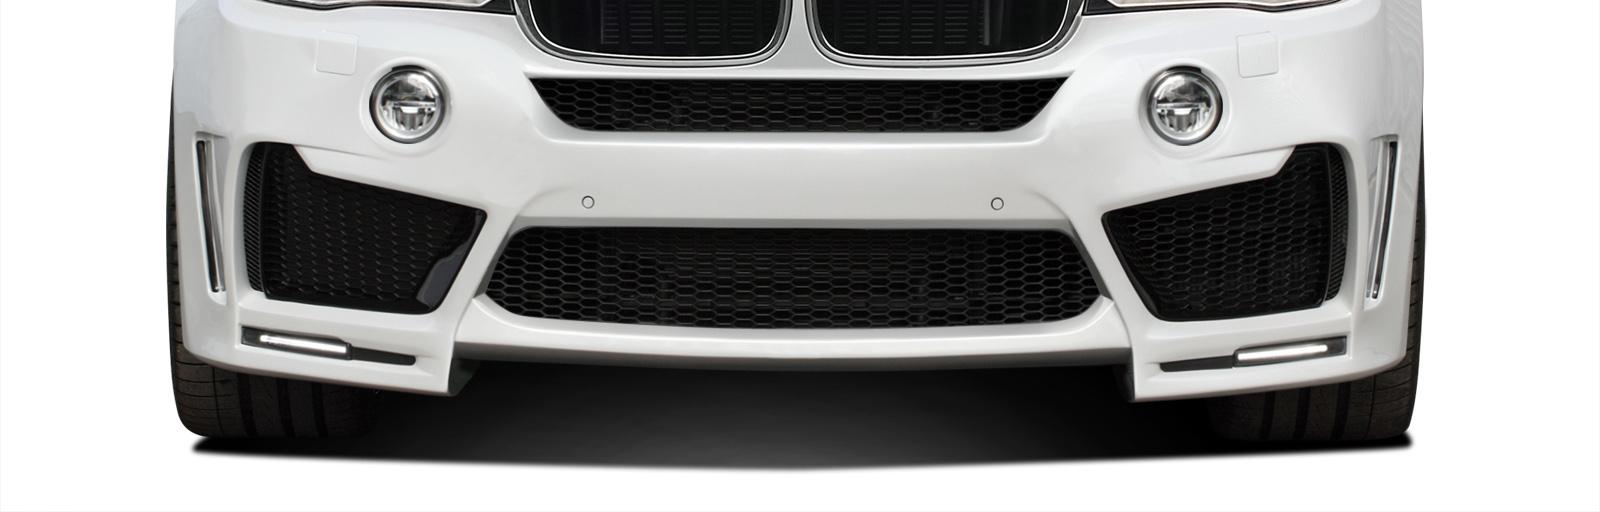 2014-2018 BMW X5 F15 AF-1 Wide Body LED Lights - 2 Piece (S)